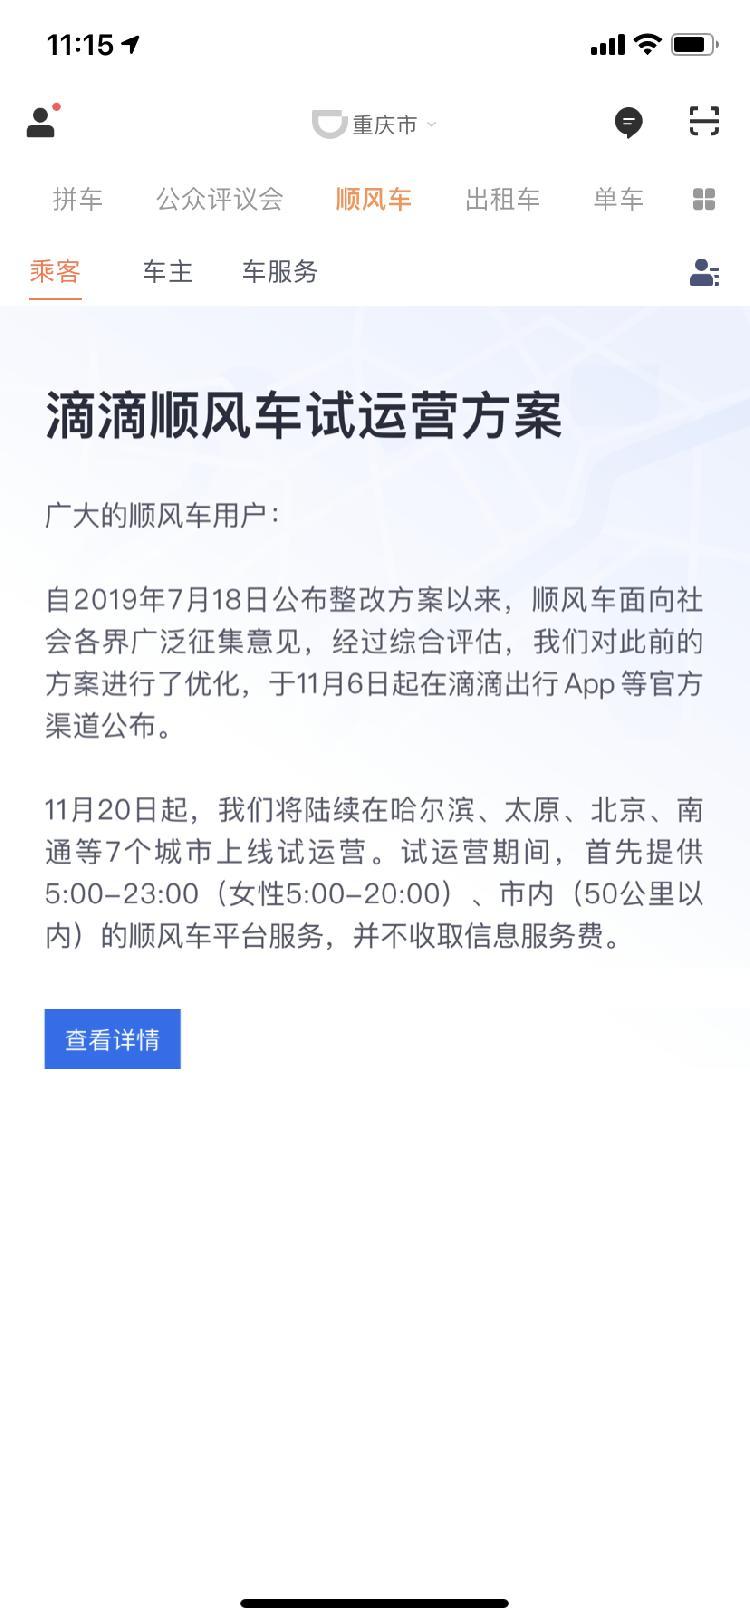 滴滴顺风车回归!11月20日起在哈尔滨、北京等7城试运营